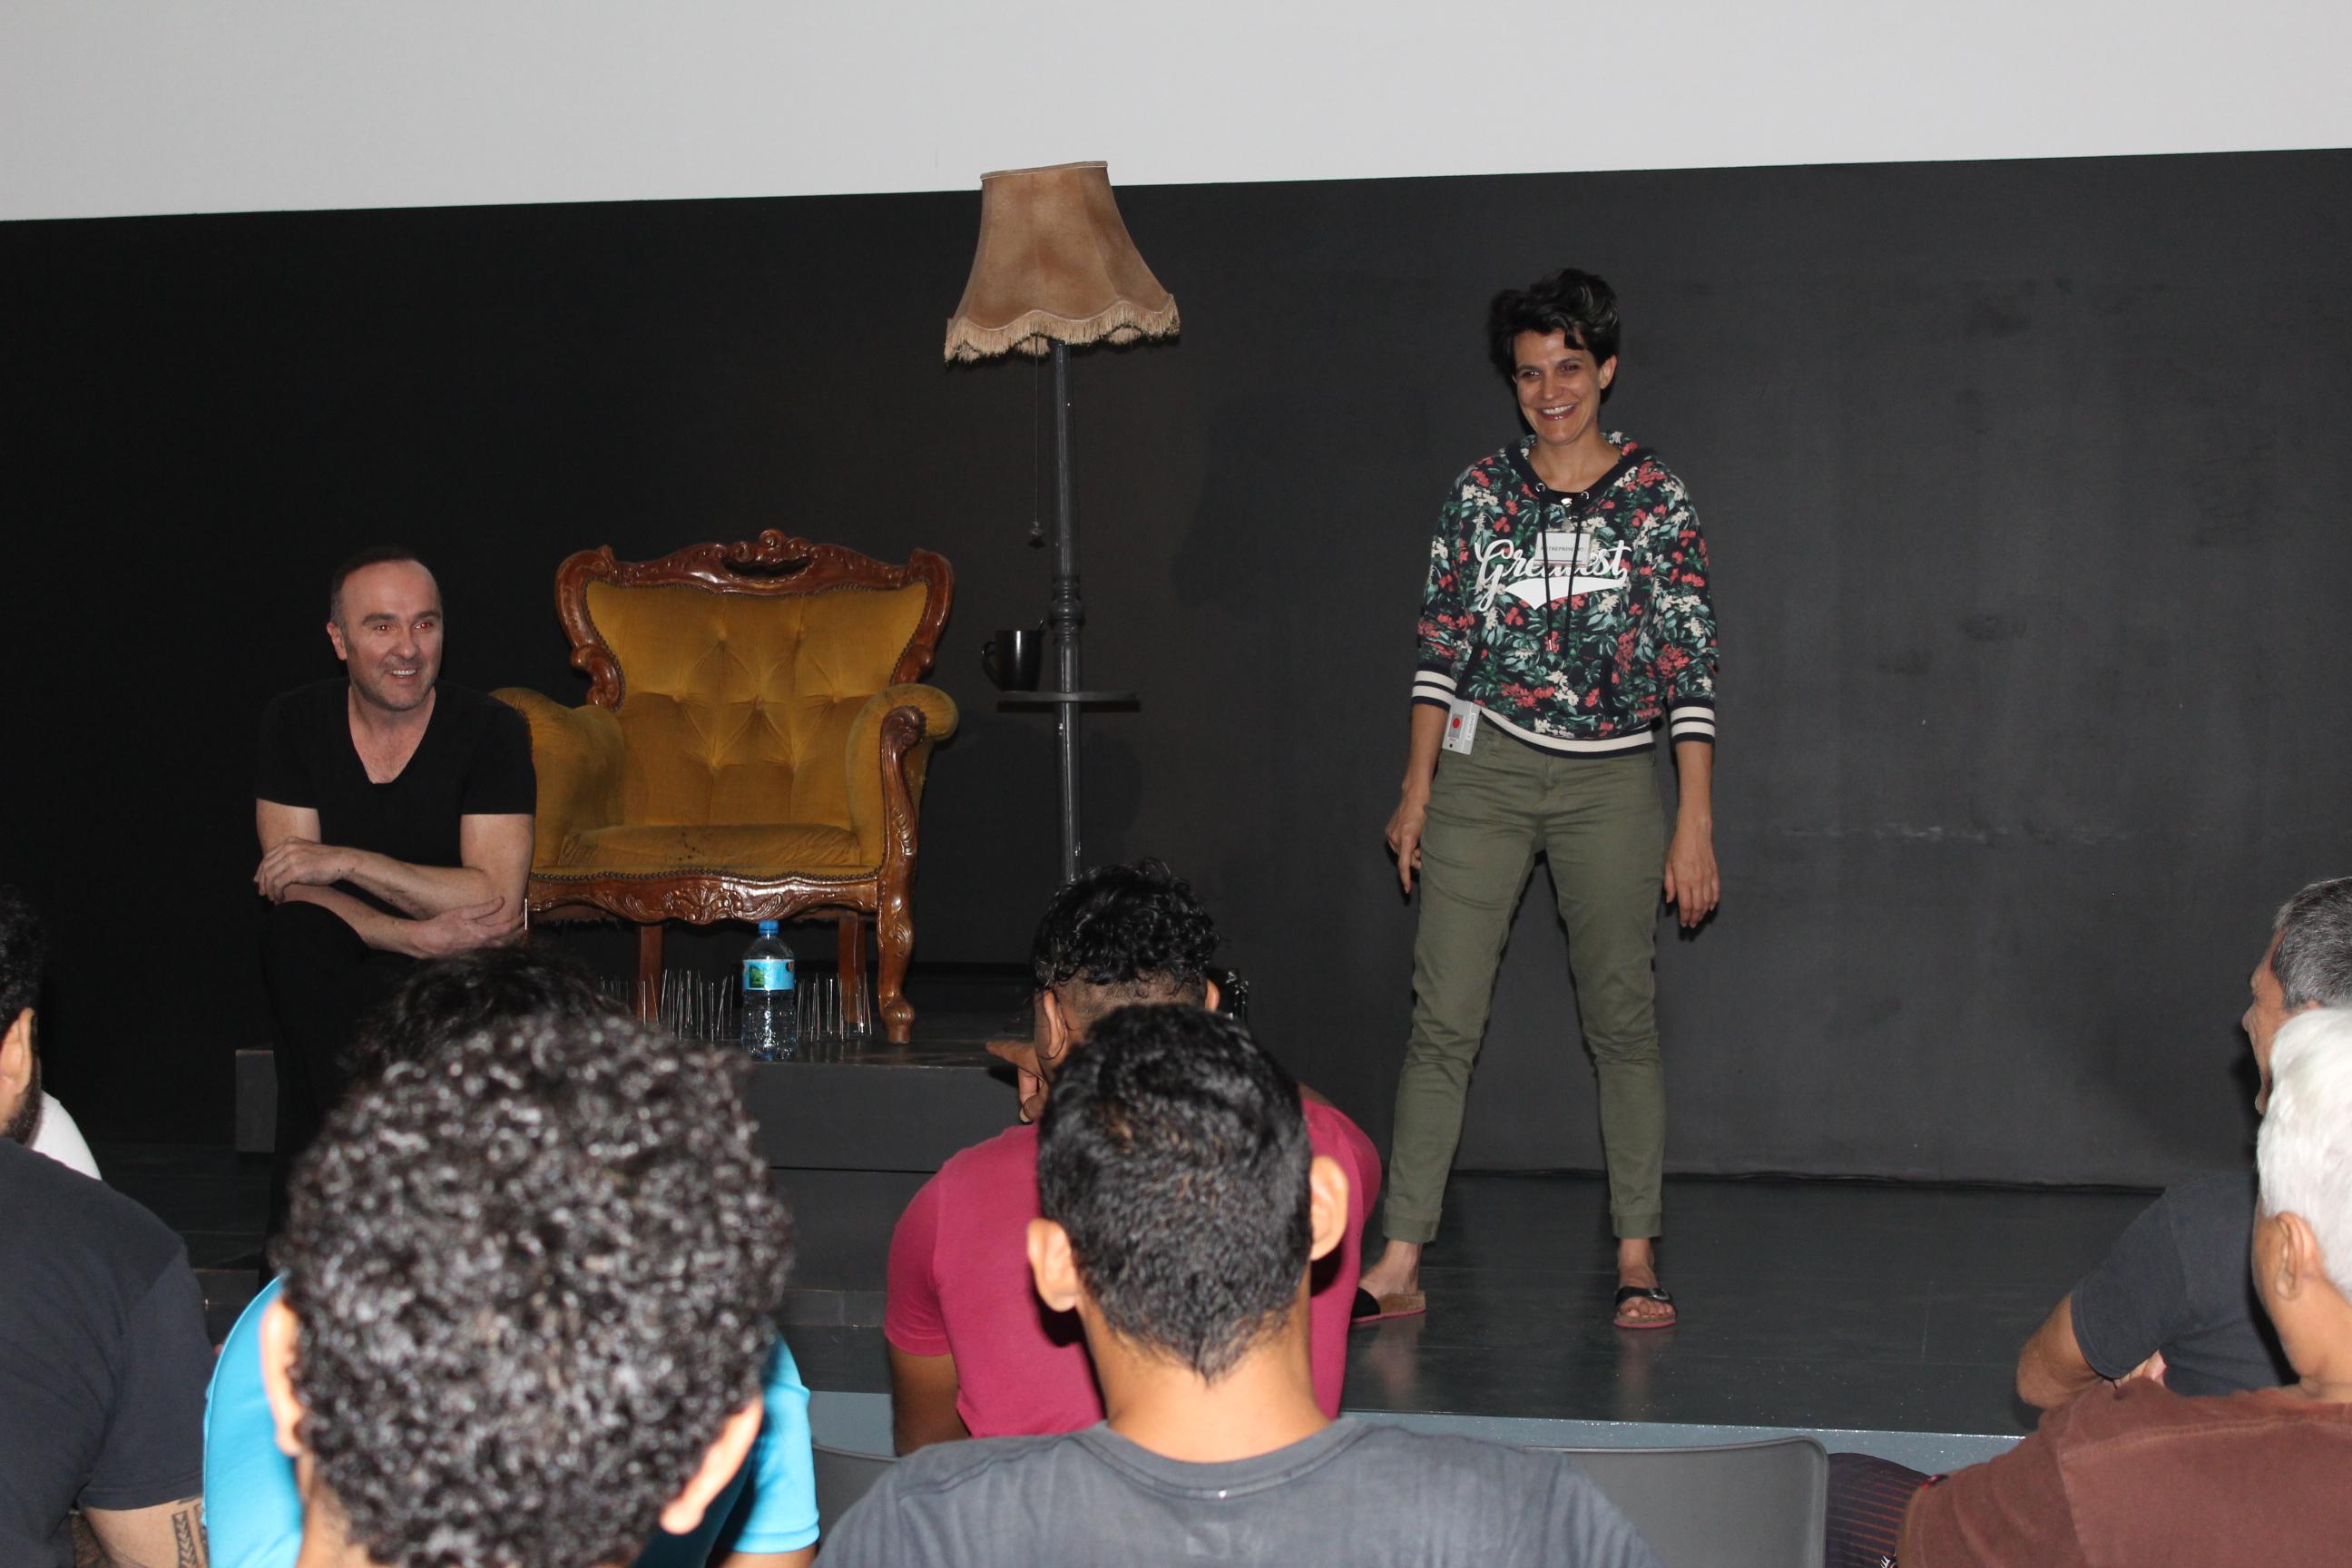 Le comédien Erwan Daouphars et l'auteure Solenn Denis proposeront pendant quelques jours des ateliers d'écriture et de jeux théâtraux aux détenus qui le souhaitent.